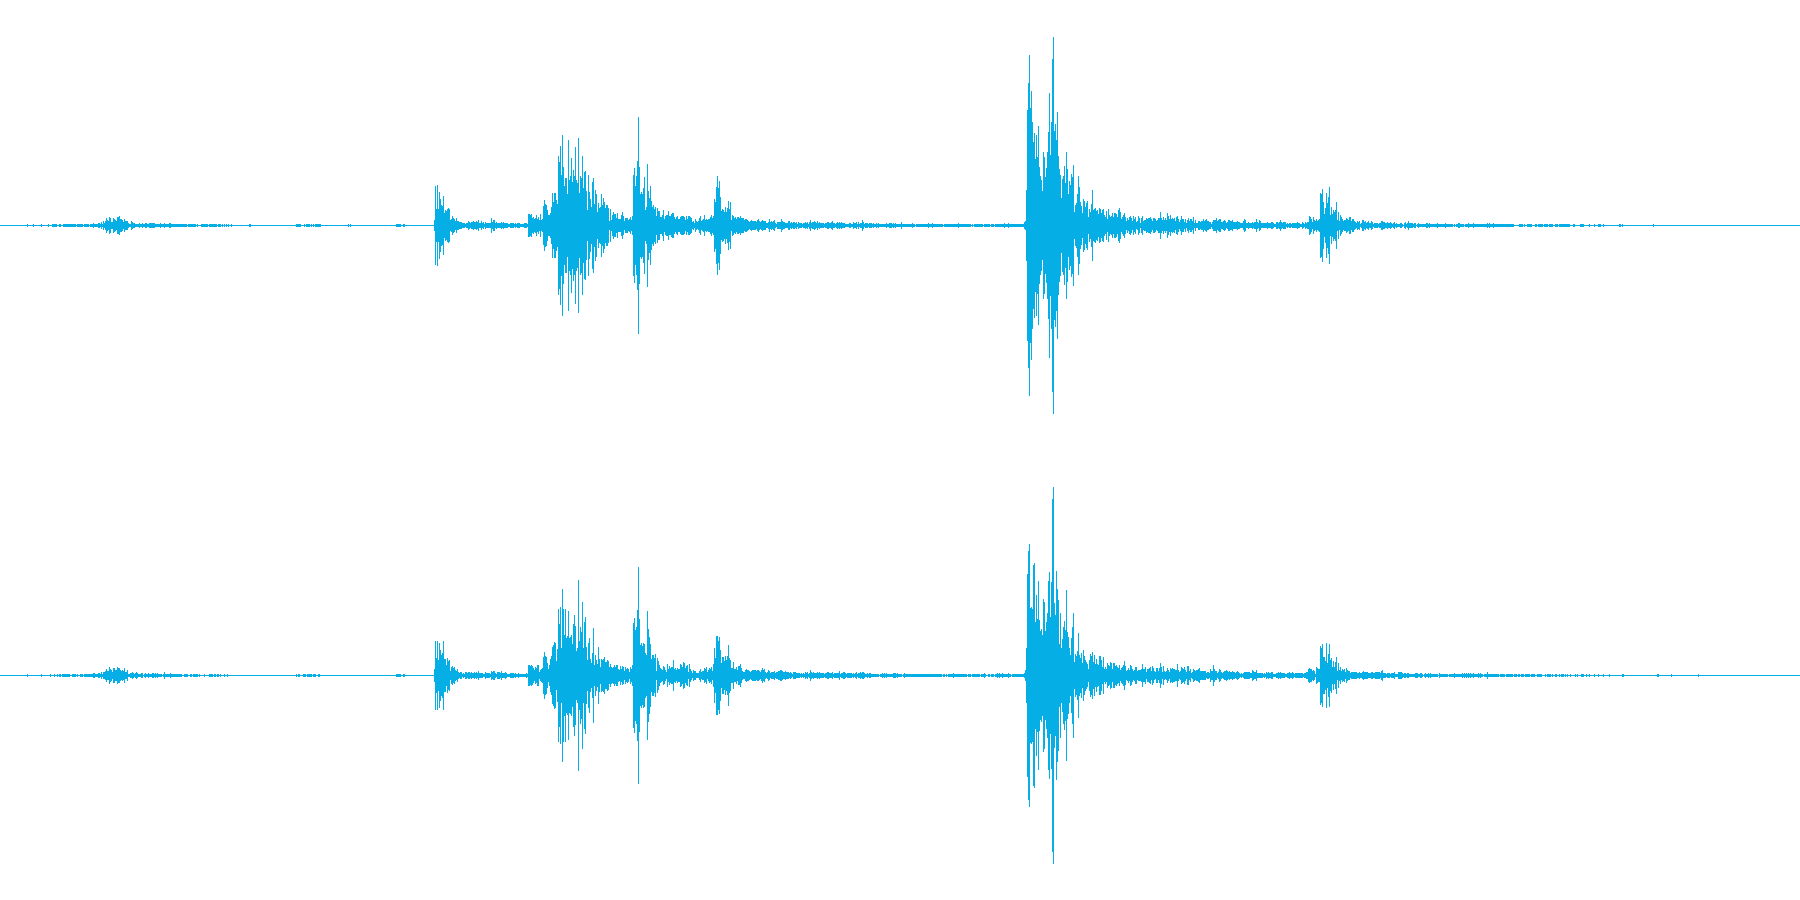 【生録音】パッケージ 開封音 3の再生済みの波形